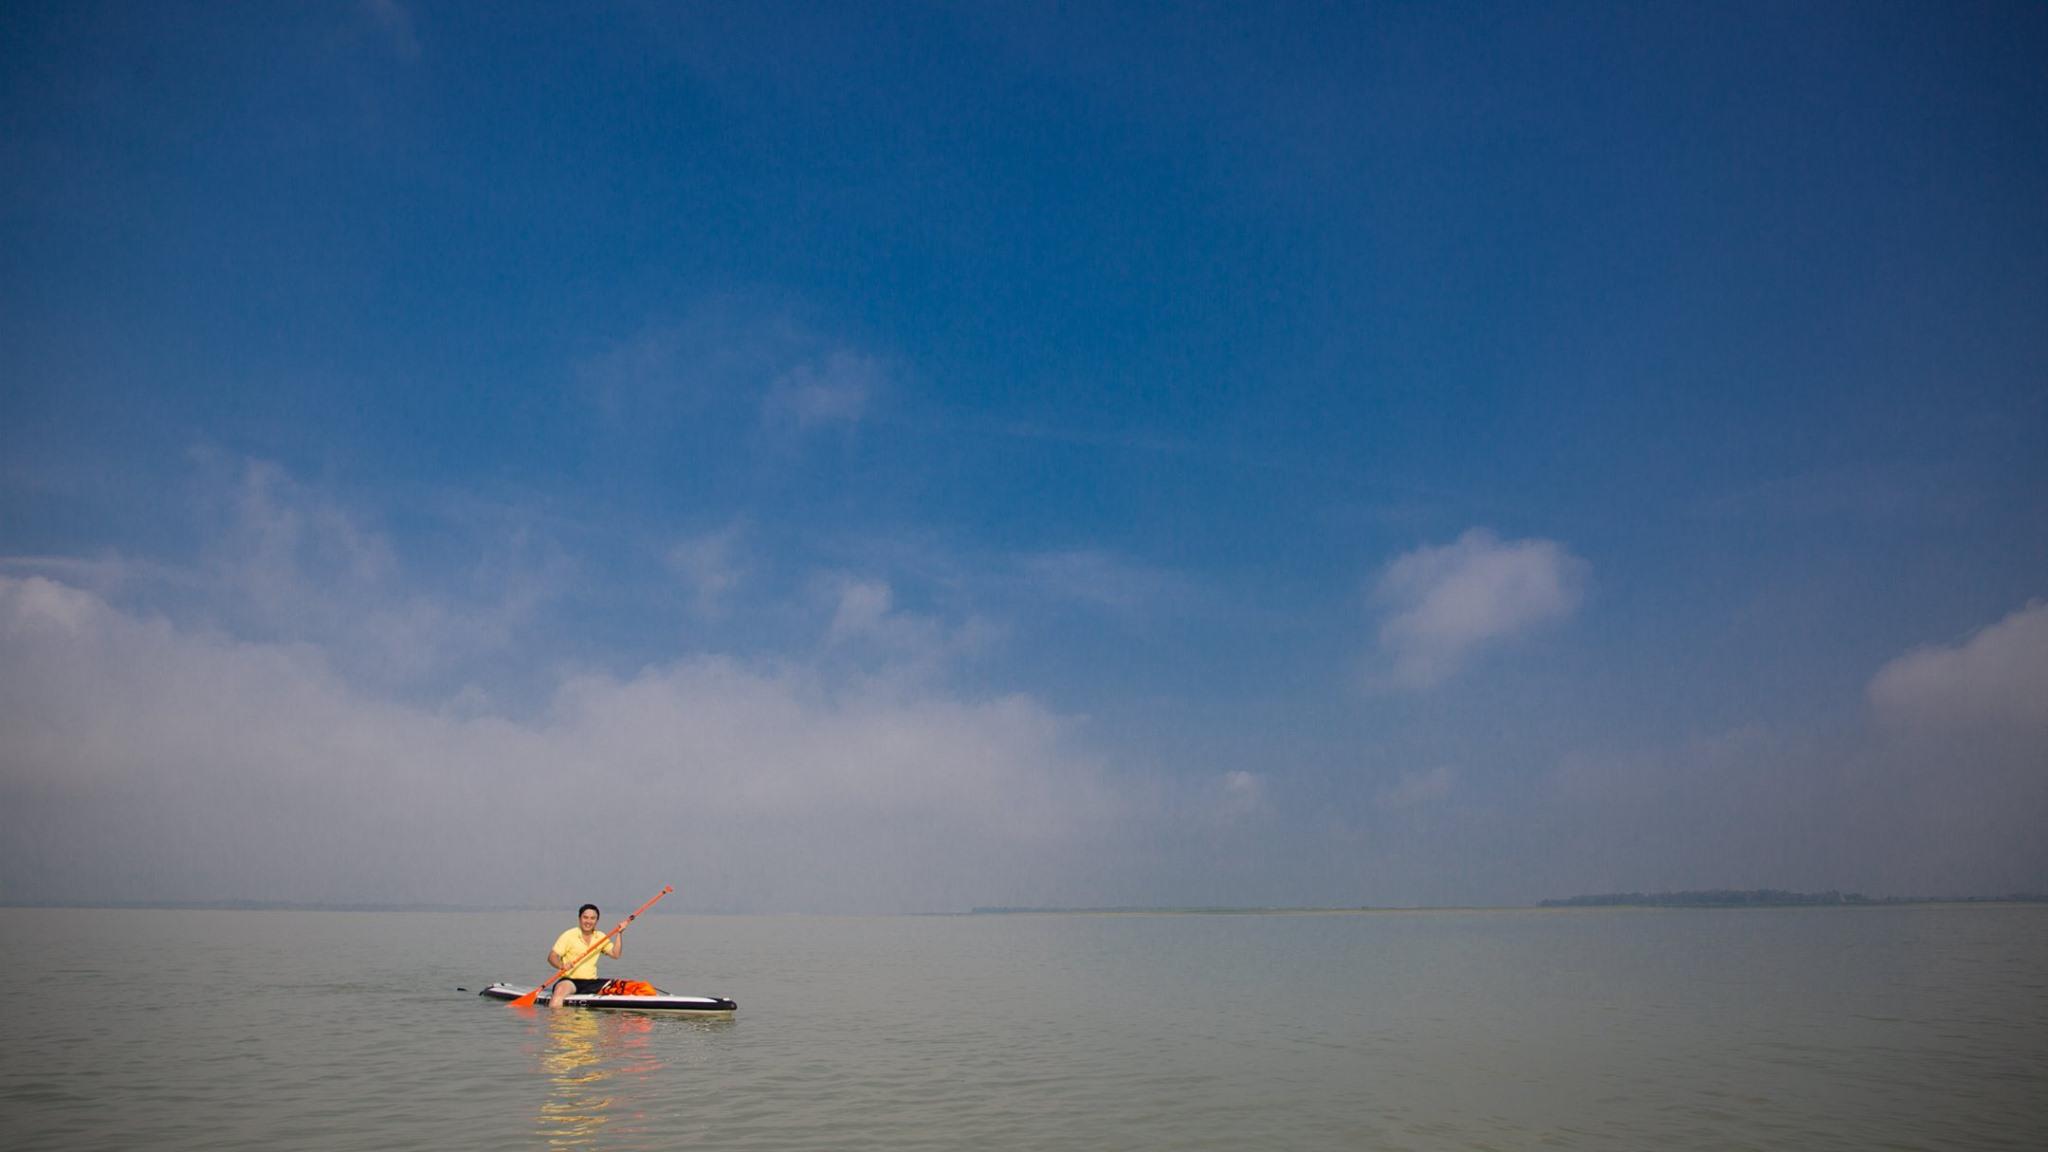 Đến hồ Dầu Tiếng, chiêm ngưỡng cảnh đẹp hút hồn tại địa điểm cắm trại hot nhất Tây Ninh  - Ảnh 11.